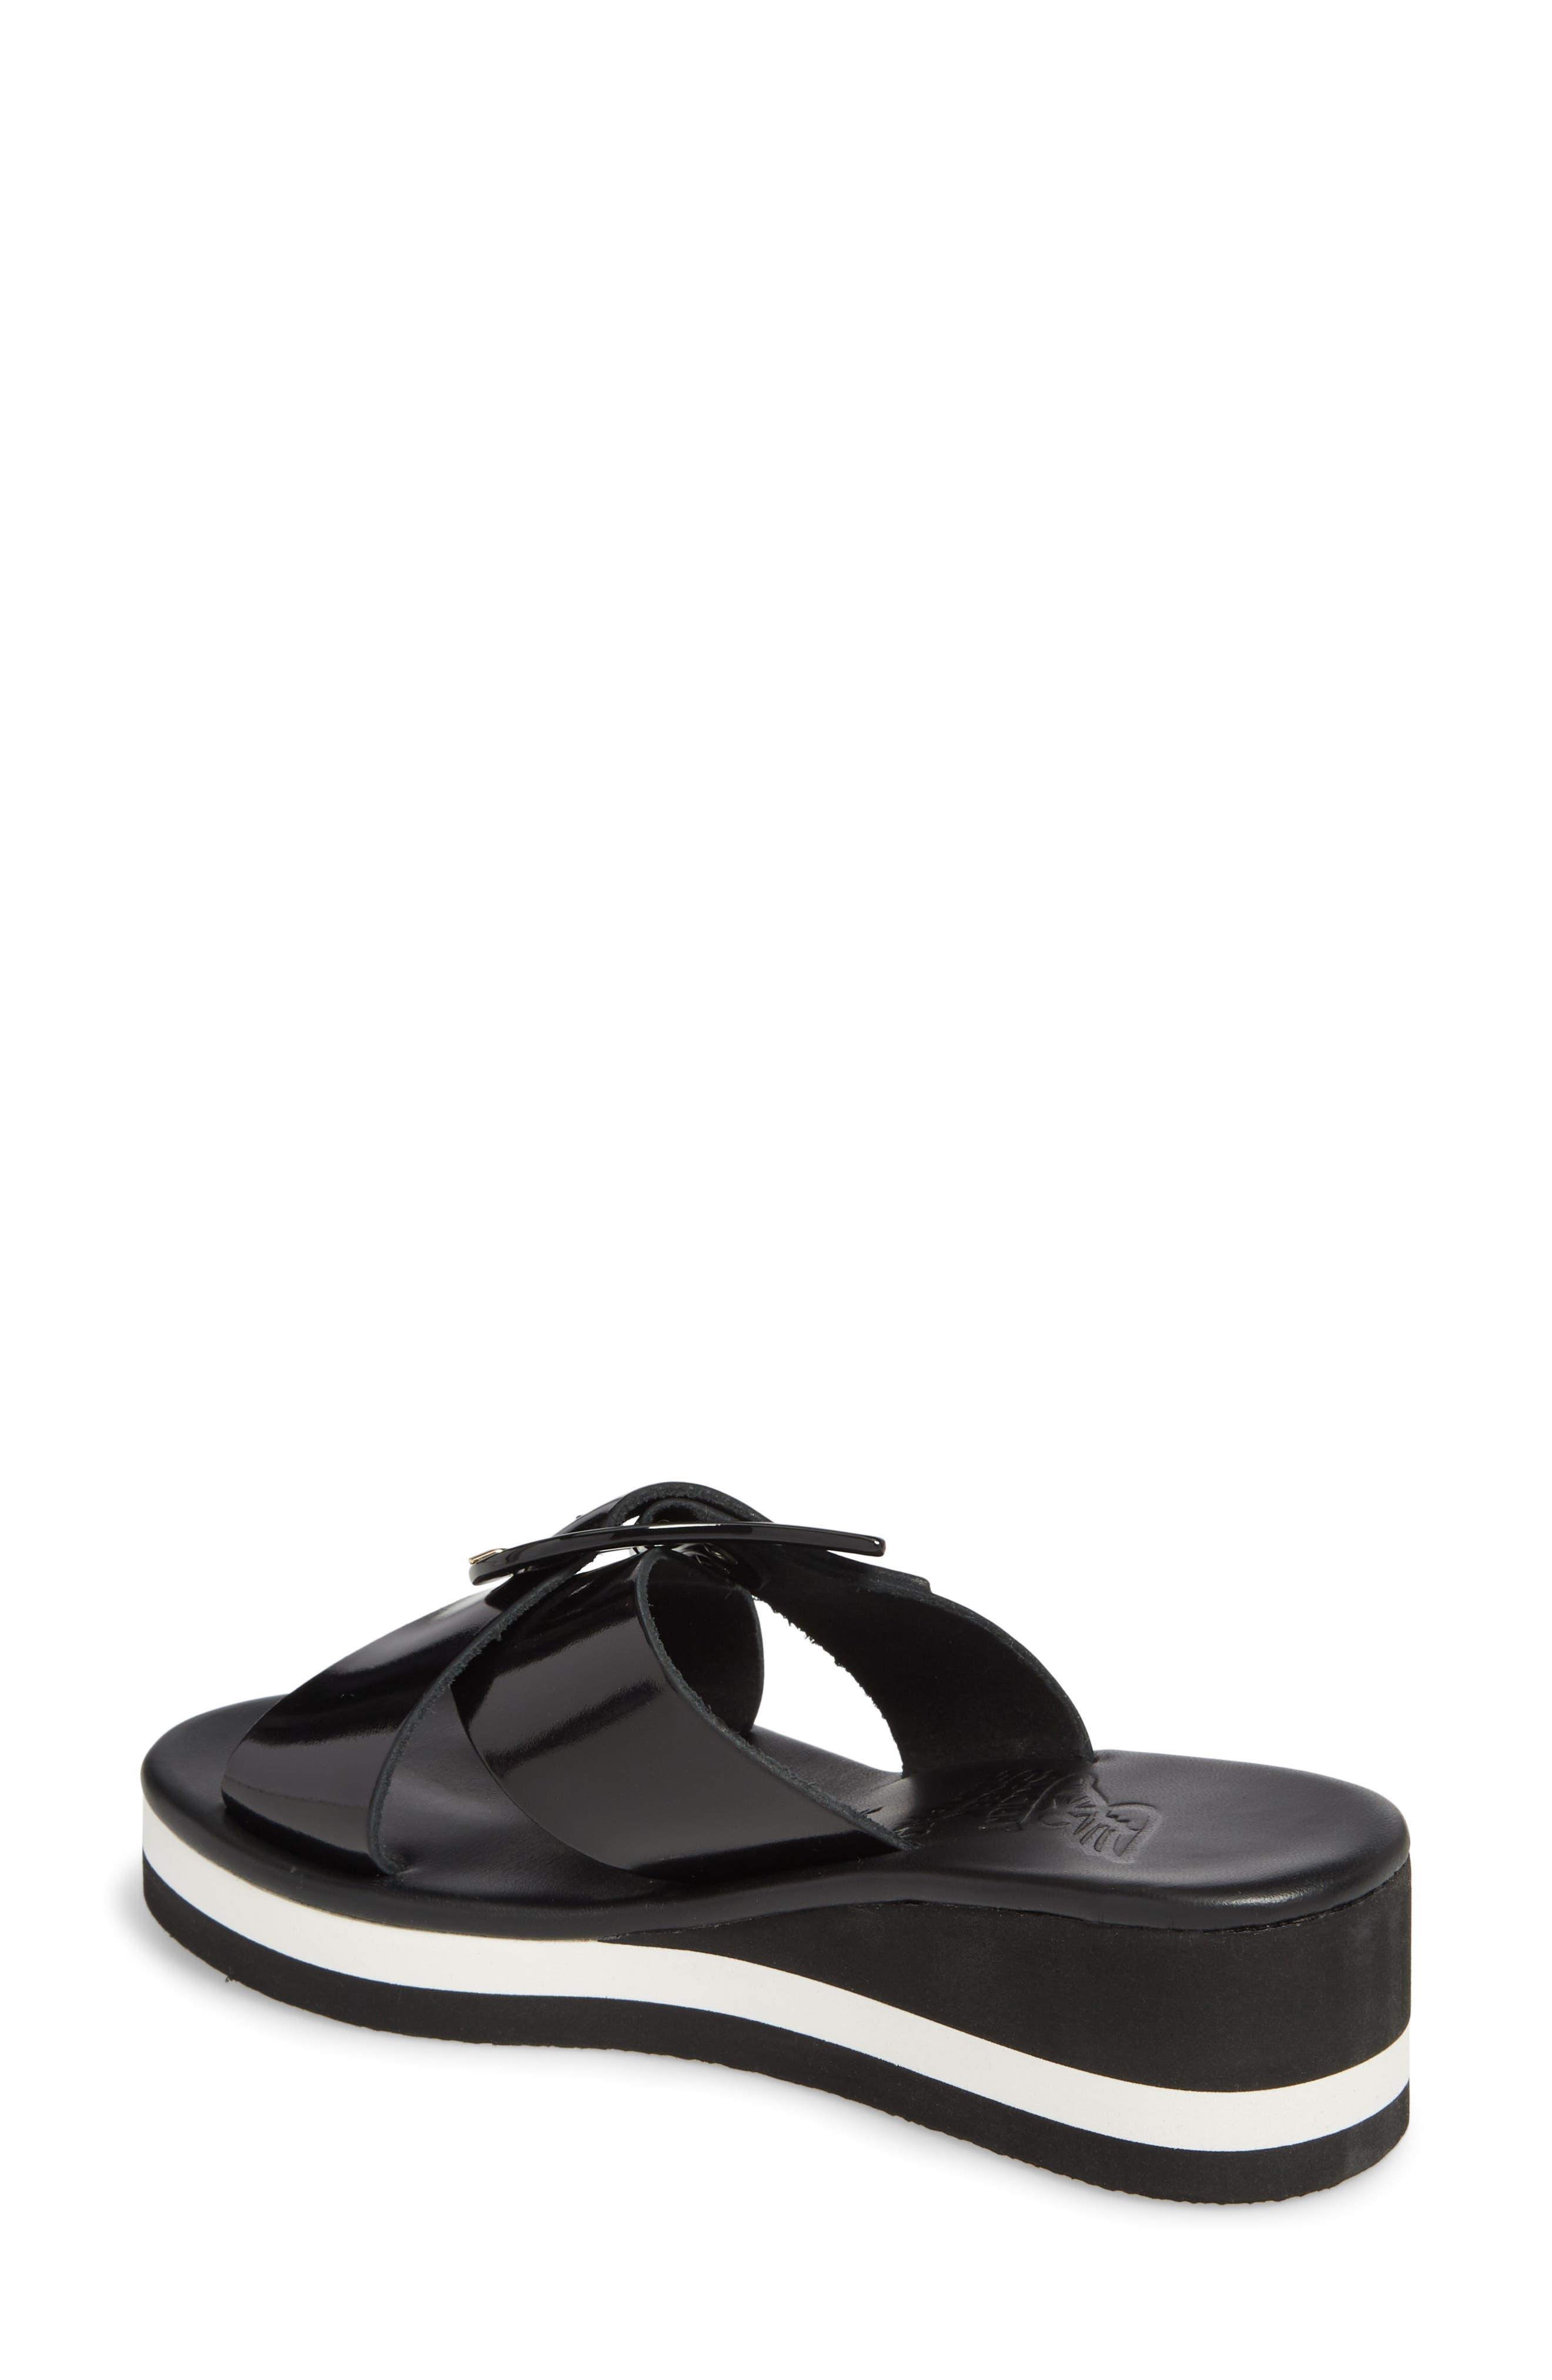 Thais Wedge Slide Sandal,                             Alternate thumbnail 2, color,                             Black